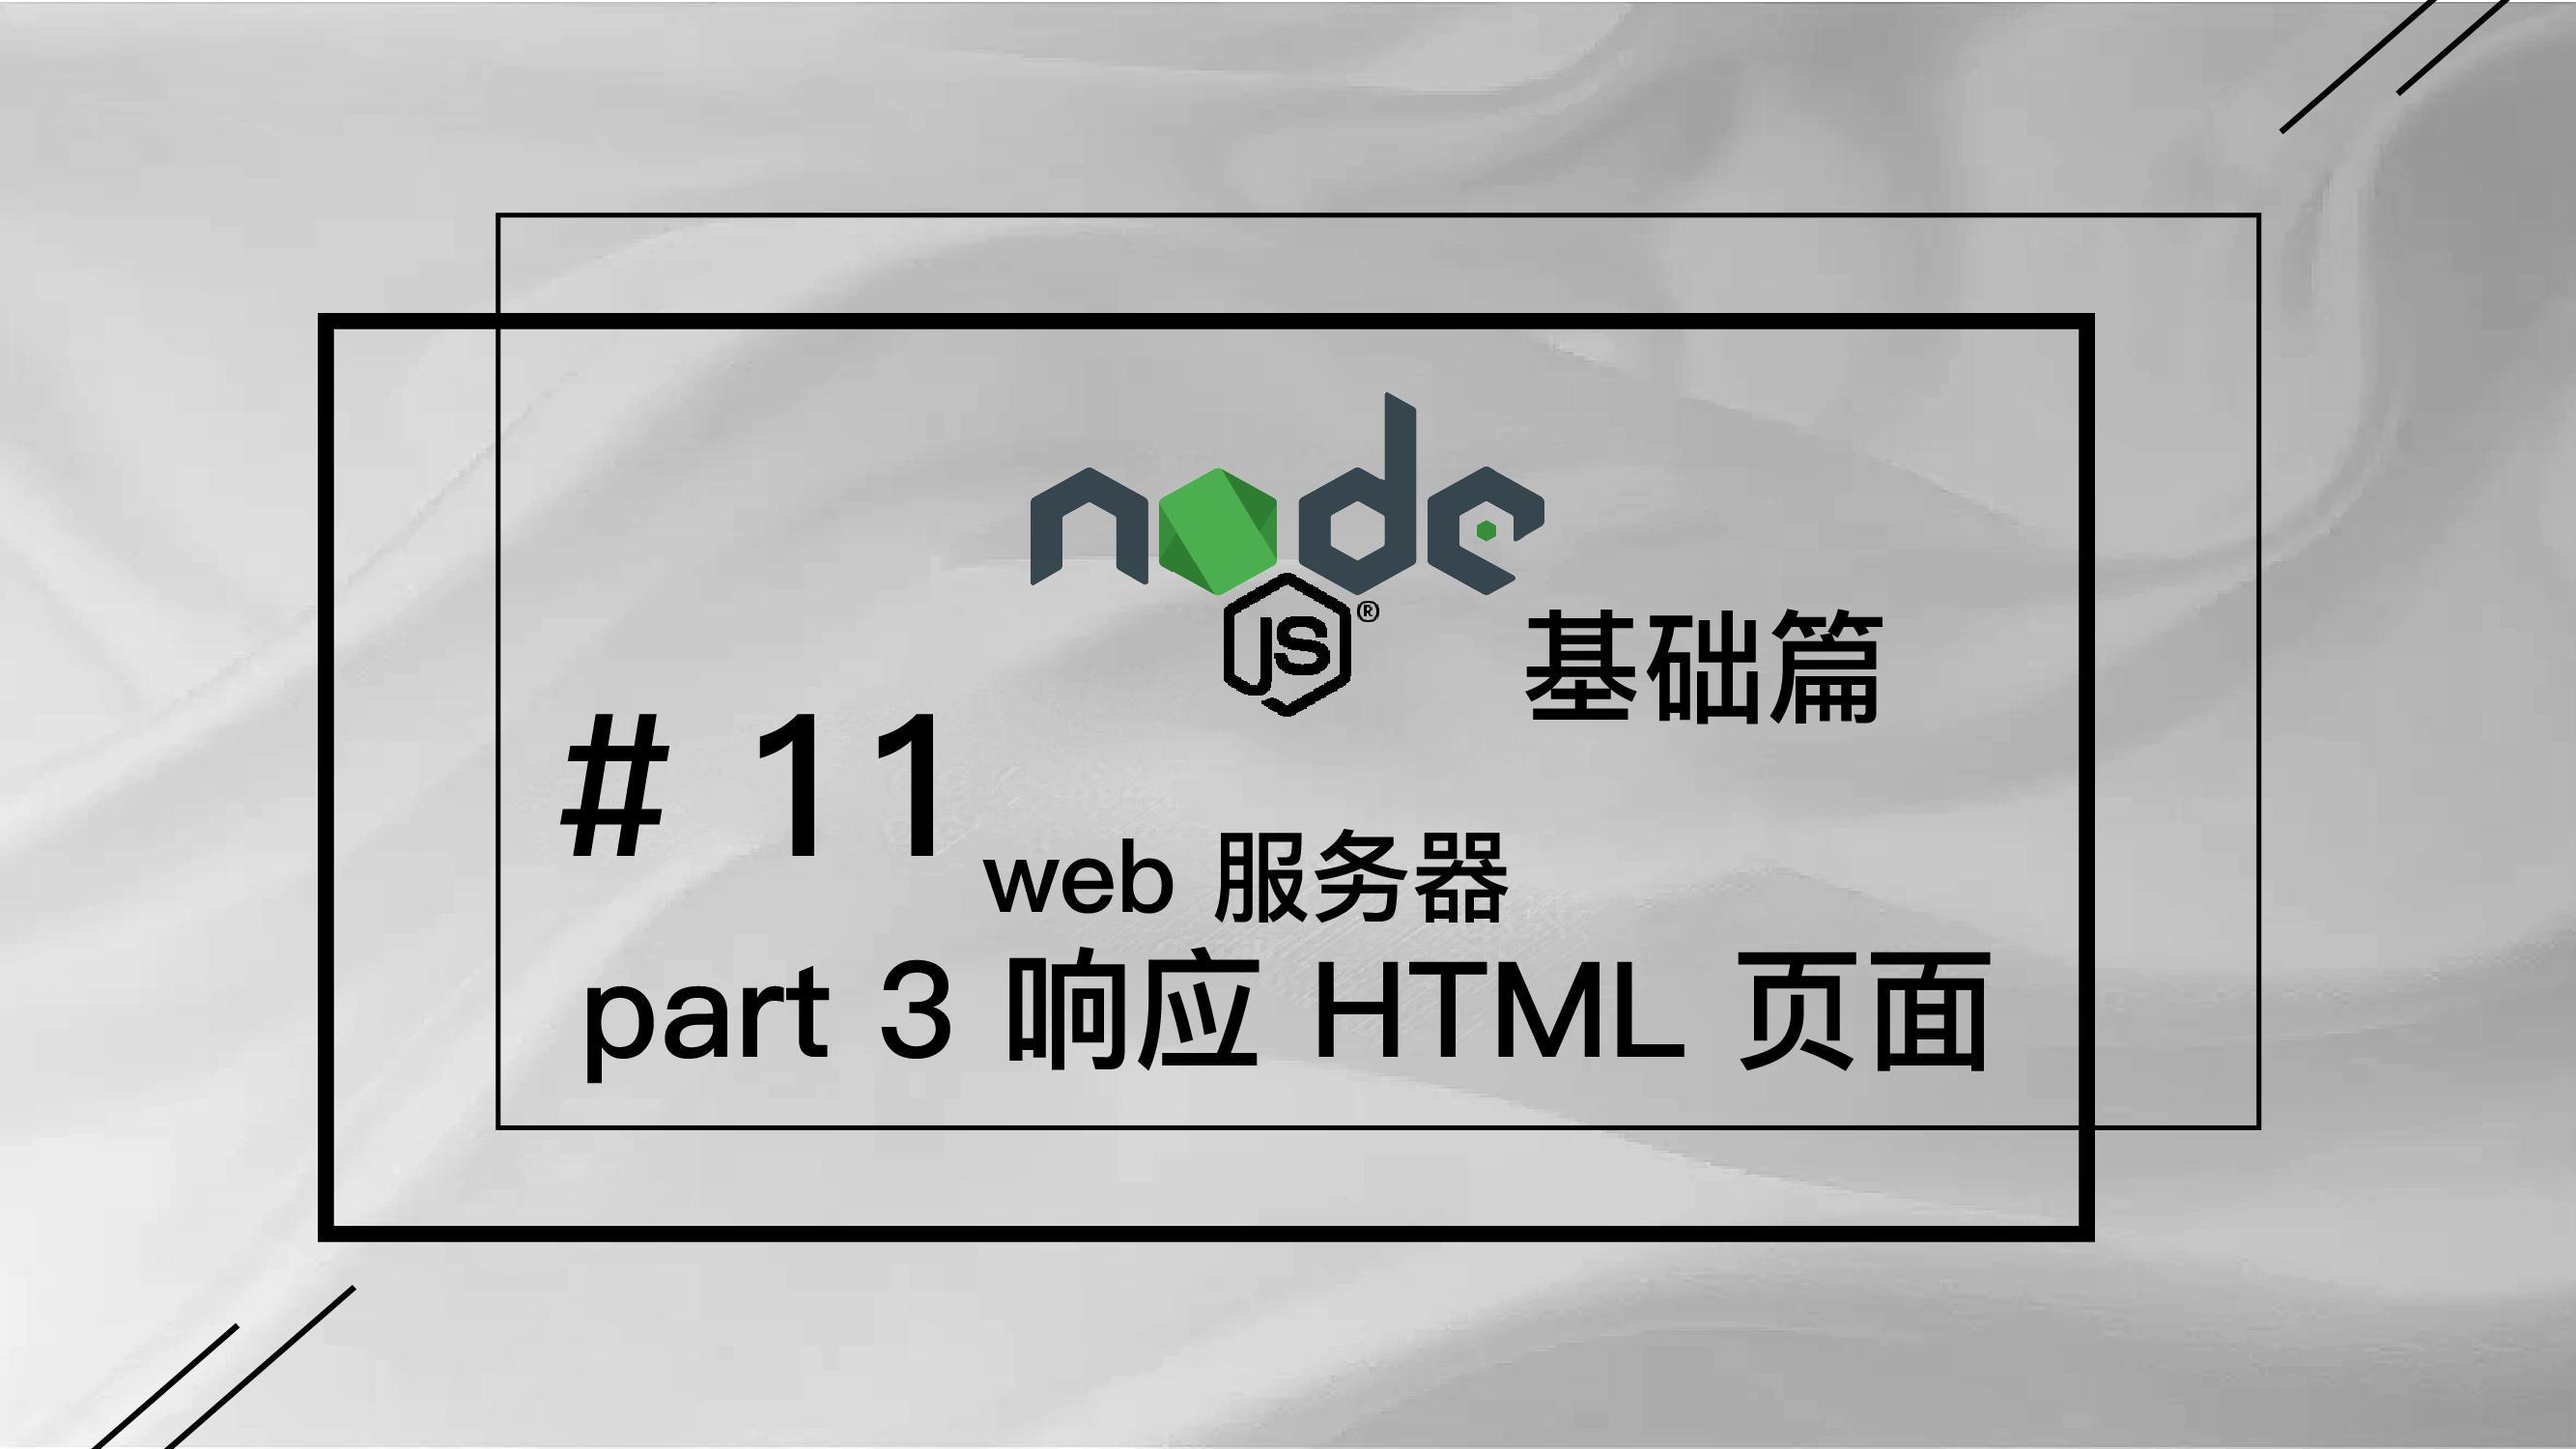 轻松学 Node.js - 基础篇 #11 web 服务器 part 3 响应 HTML 页面